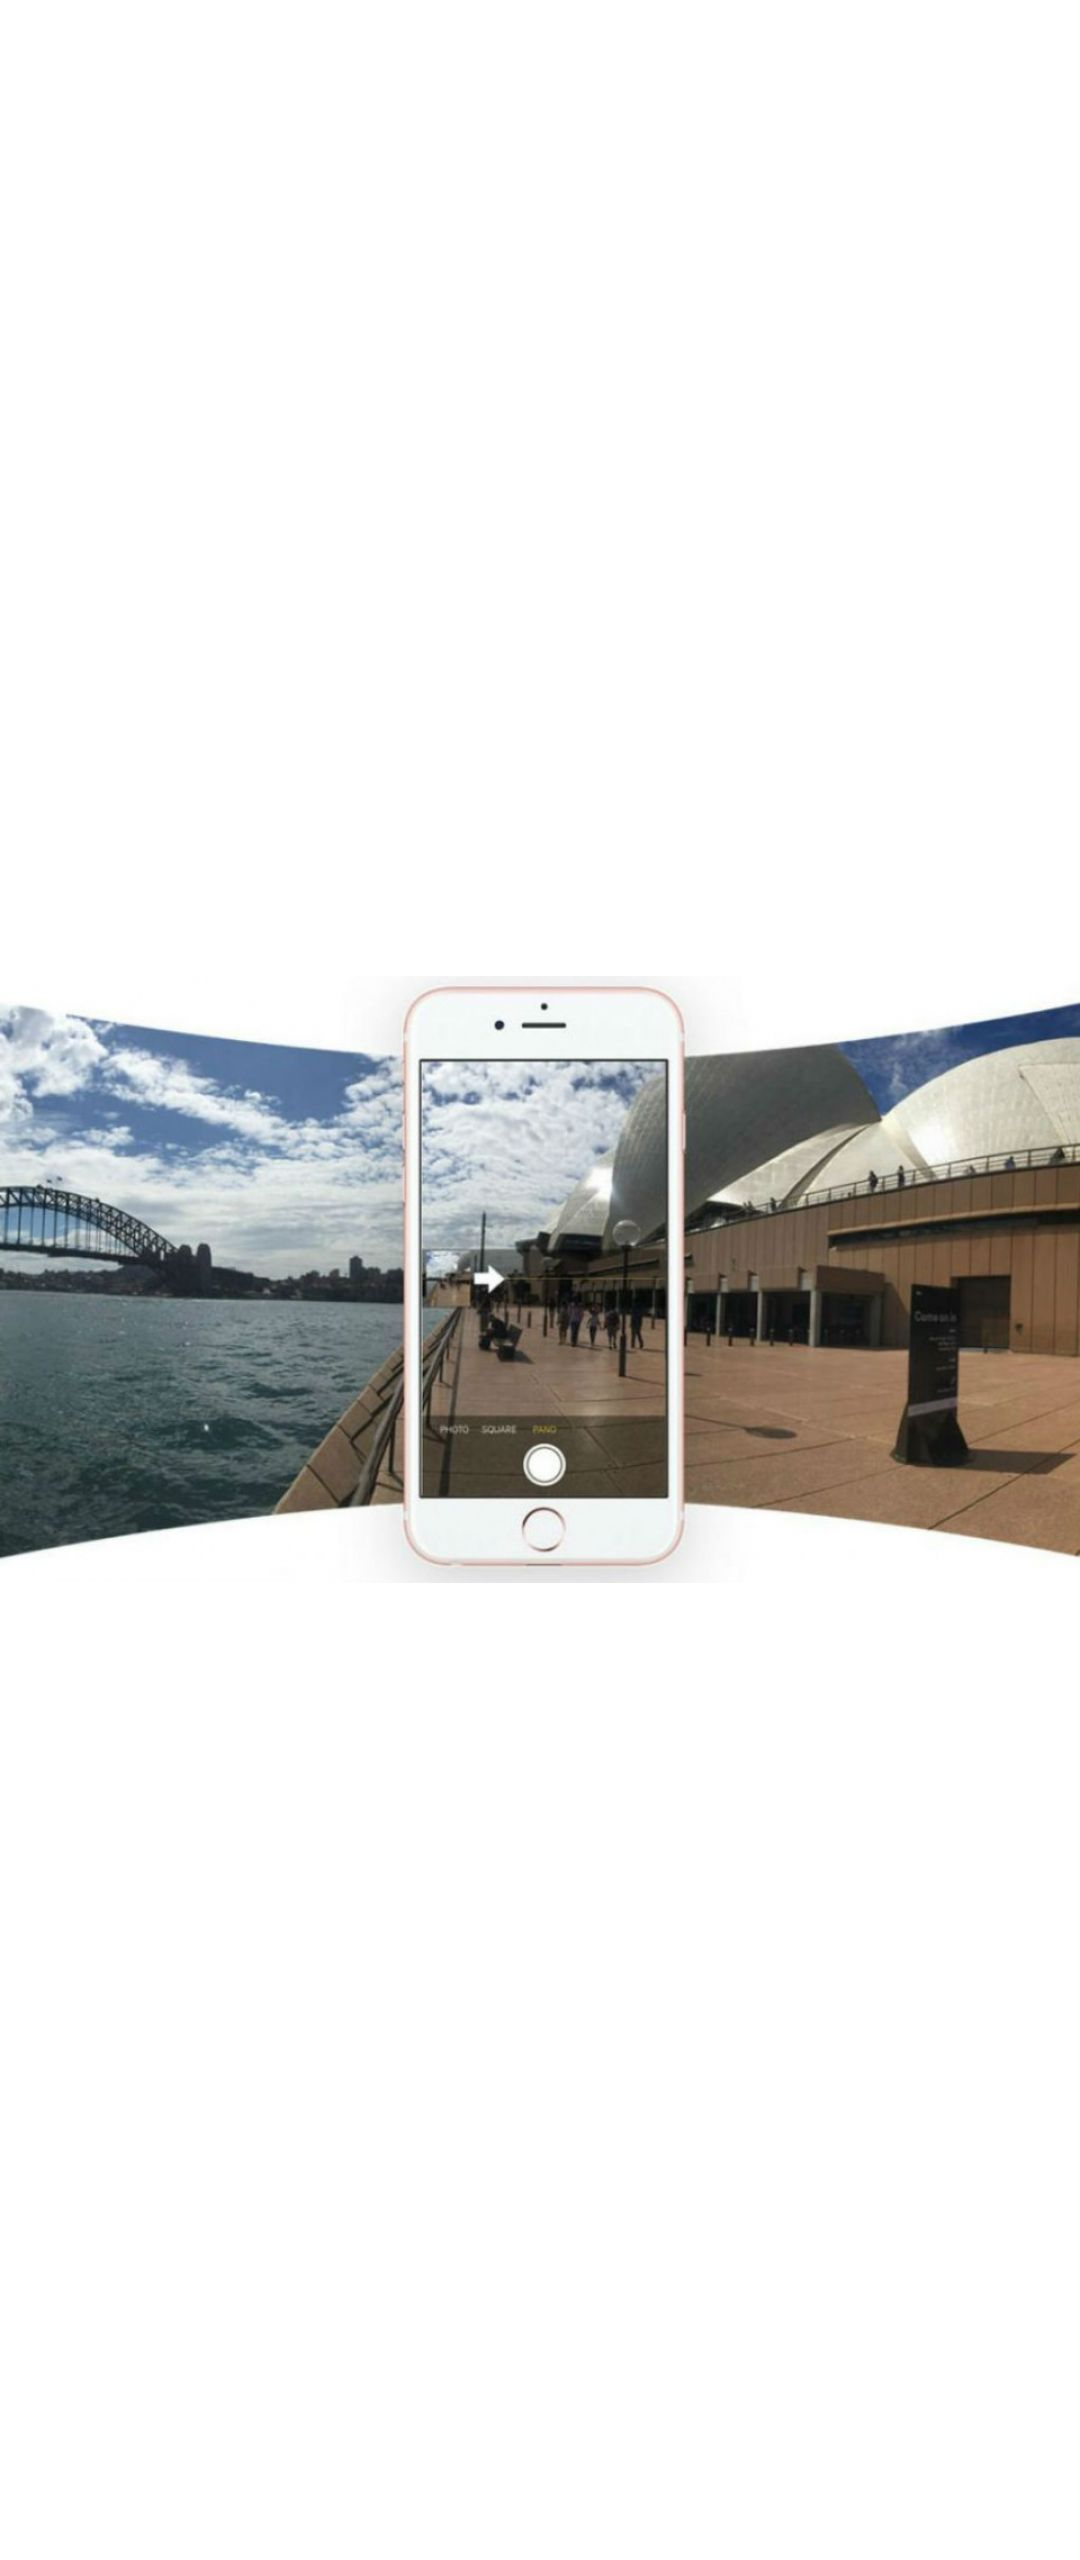 Facebook permitirá compartir fotos en 360° a los usuarios